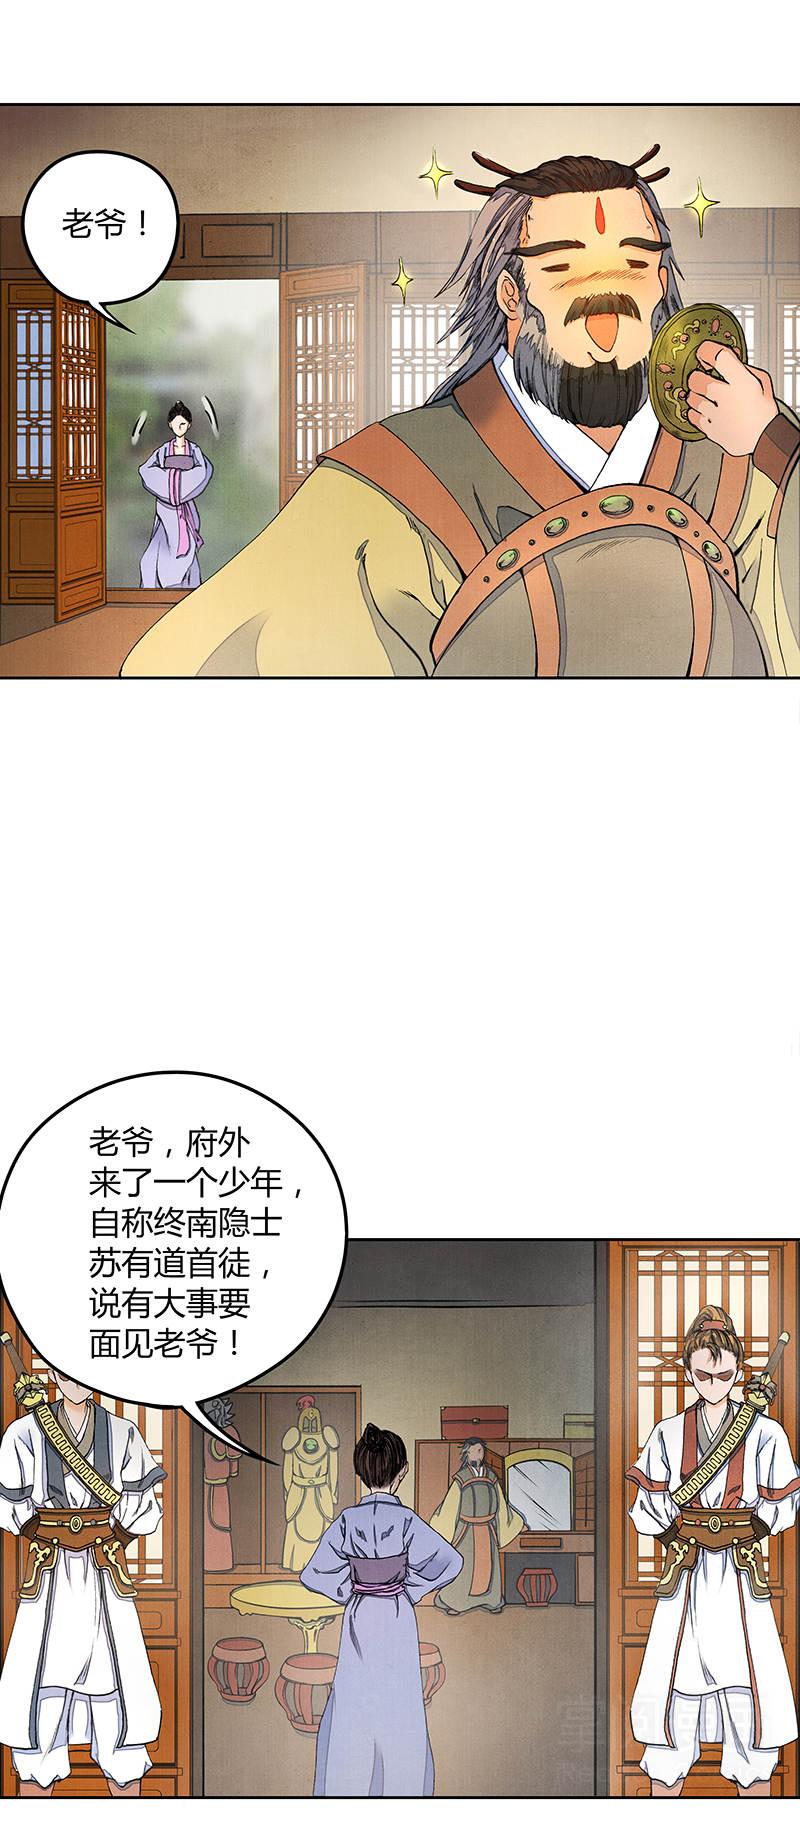 逍遥游第28话  武府堂前充神算 第 6